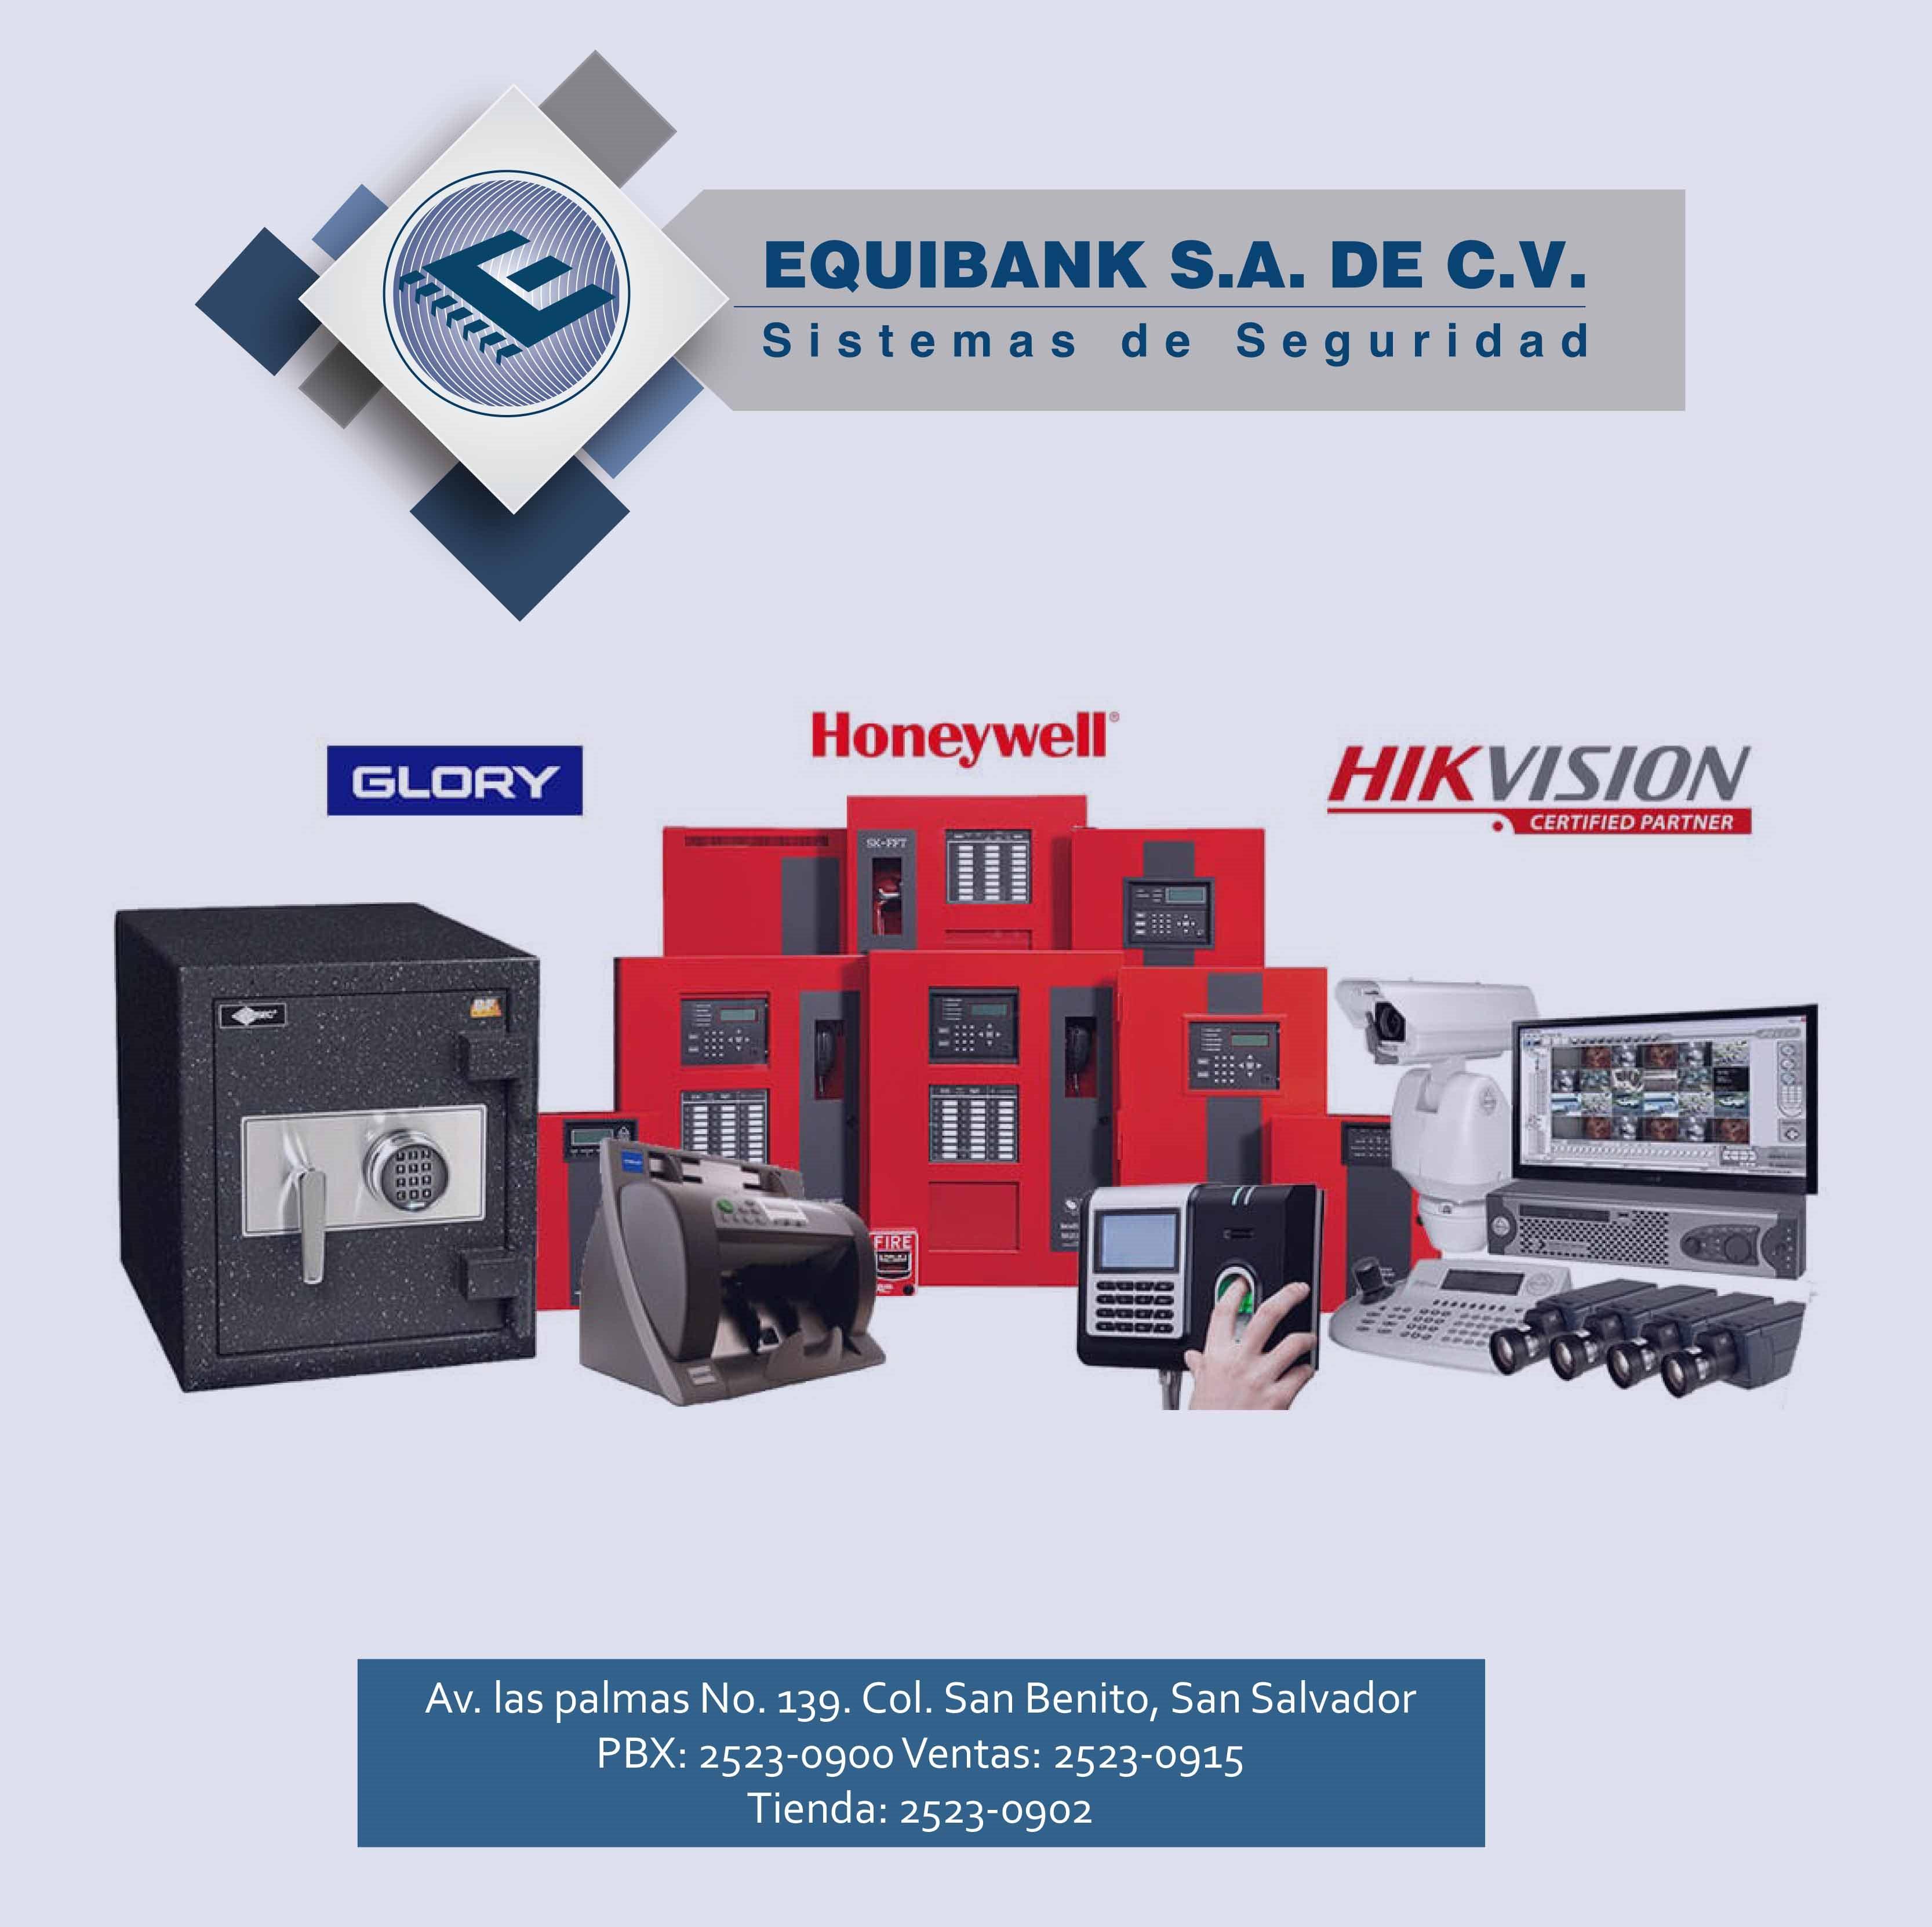 Equibank,S.A. de C.V.